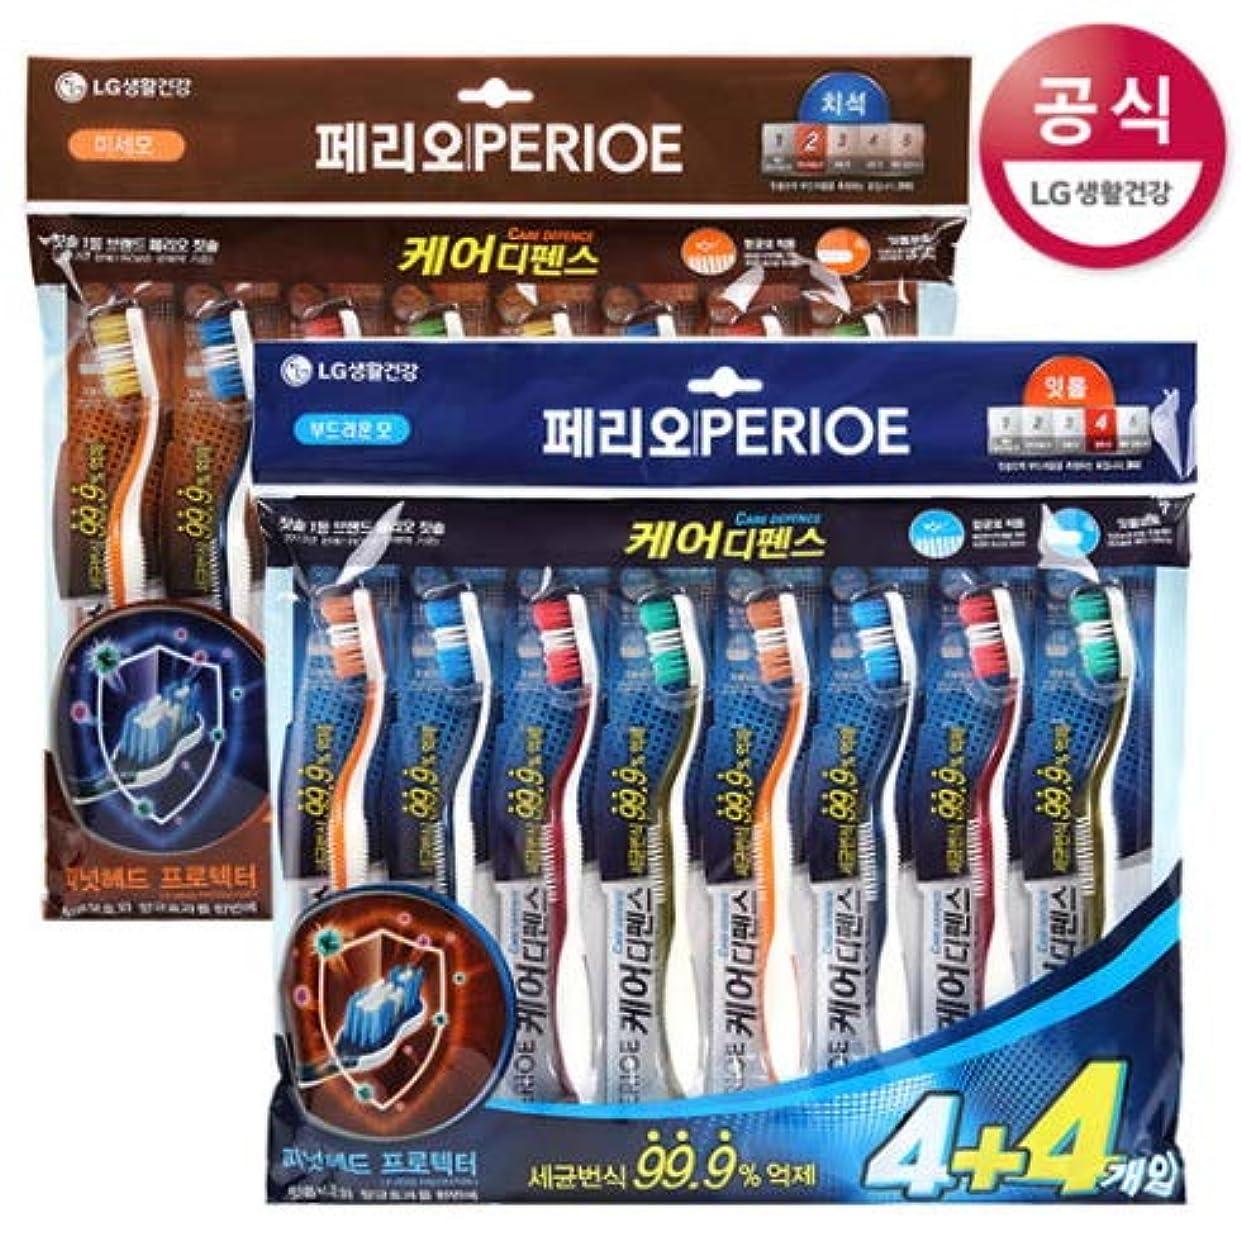 背が高いロータリー悲惨[LG HnB] Perio CareDance Toothbrush/ペリオケアディフェンス歯ブラシ 8口x2個(海外直送品)